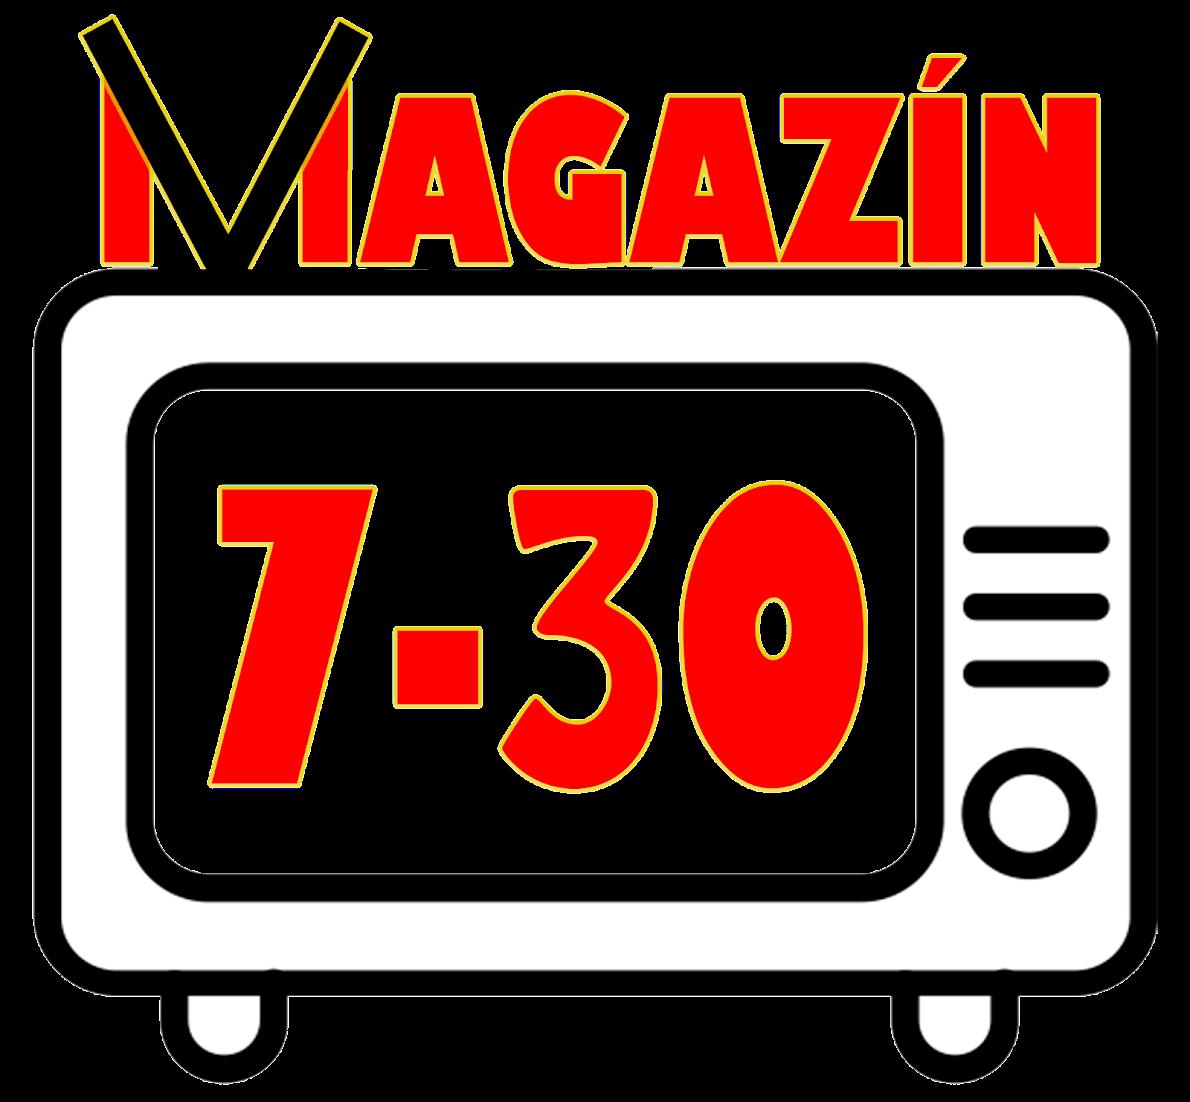 MAGAZÍN 7-30